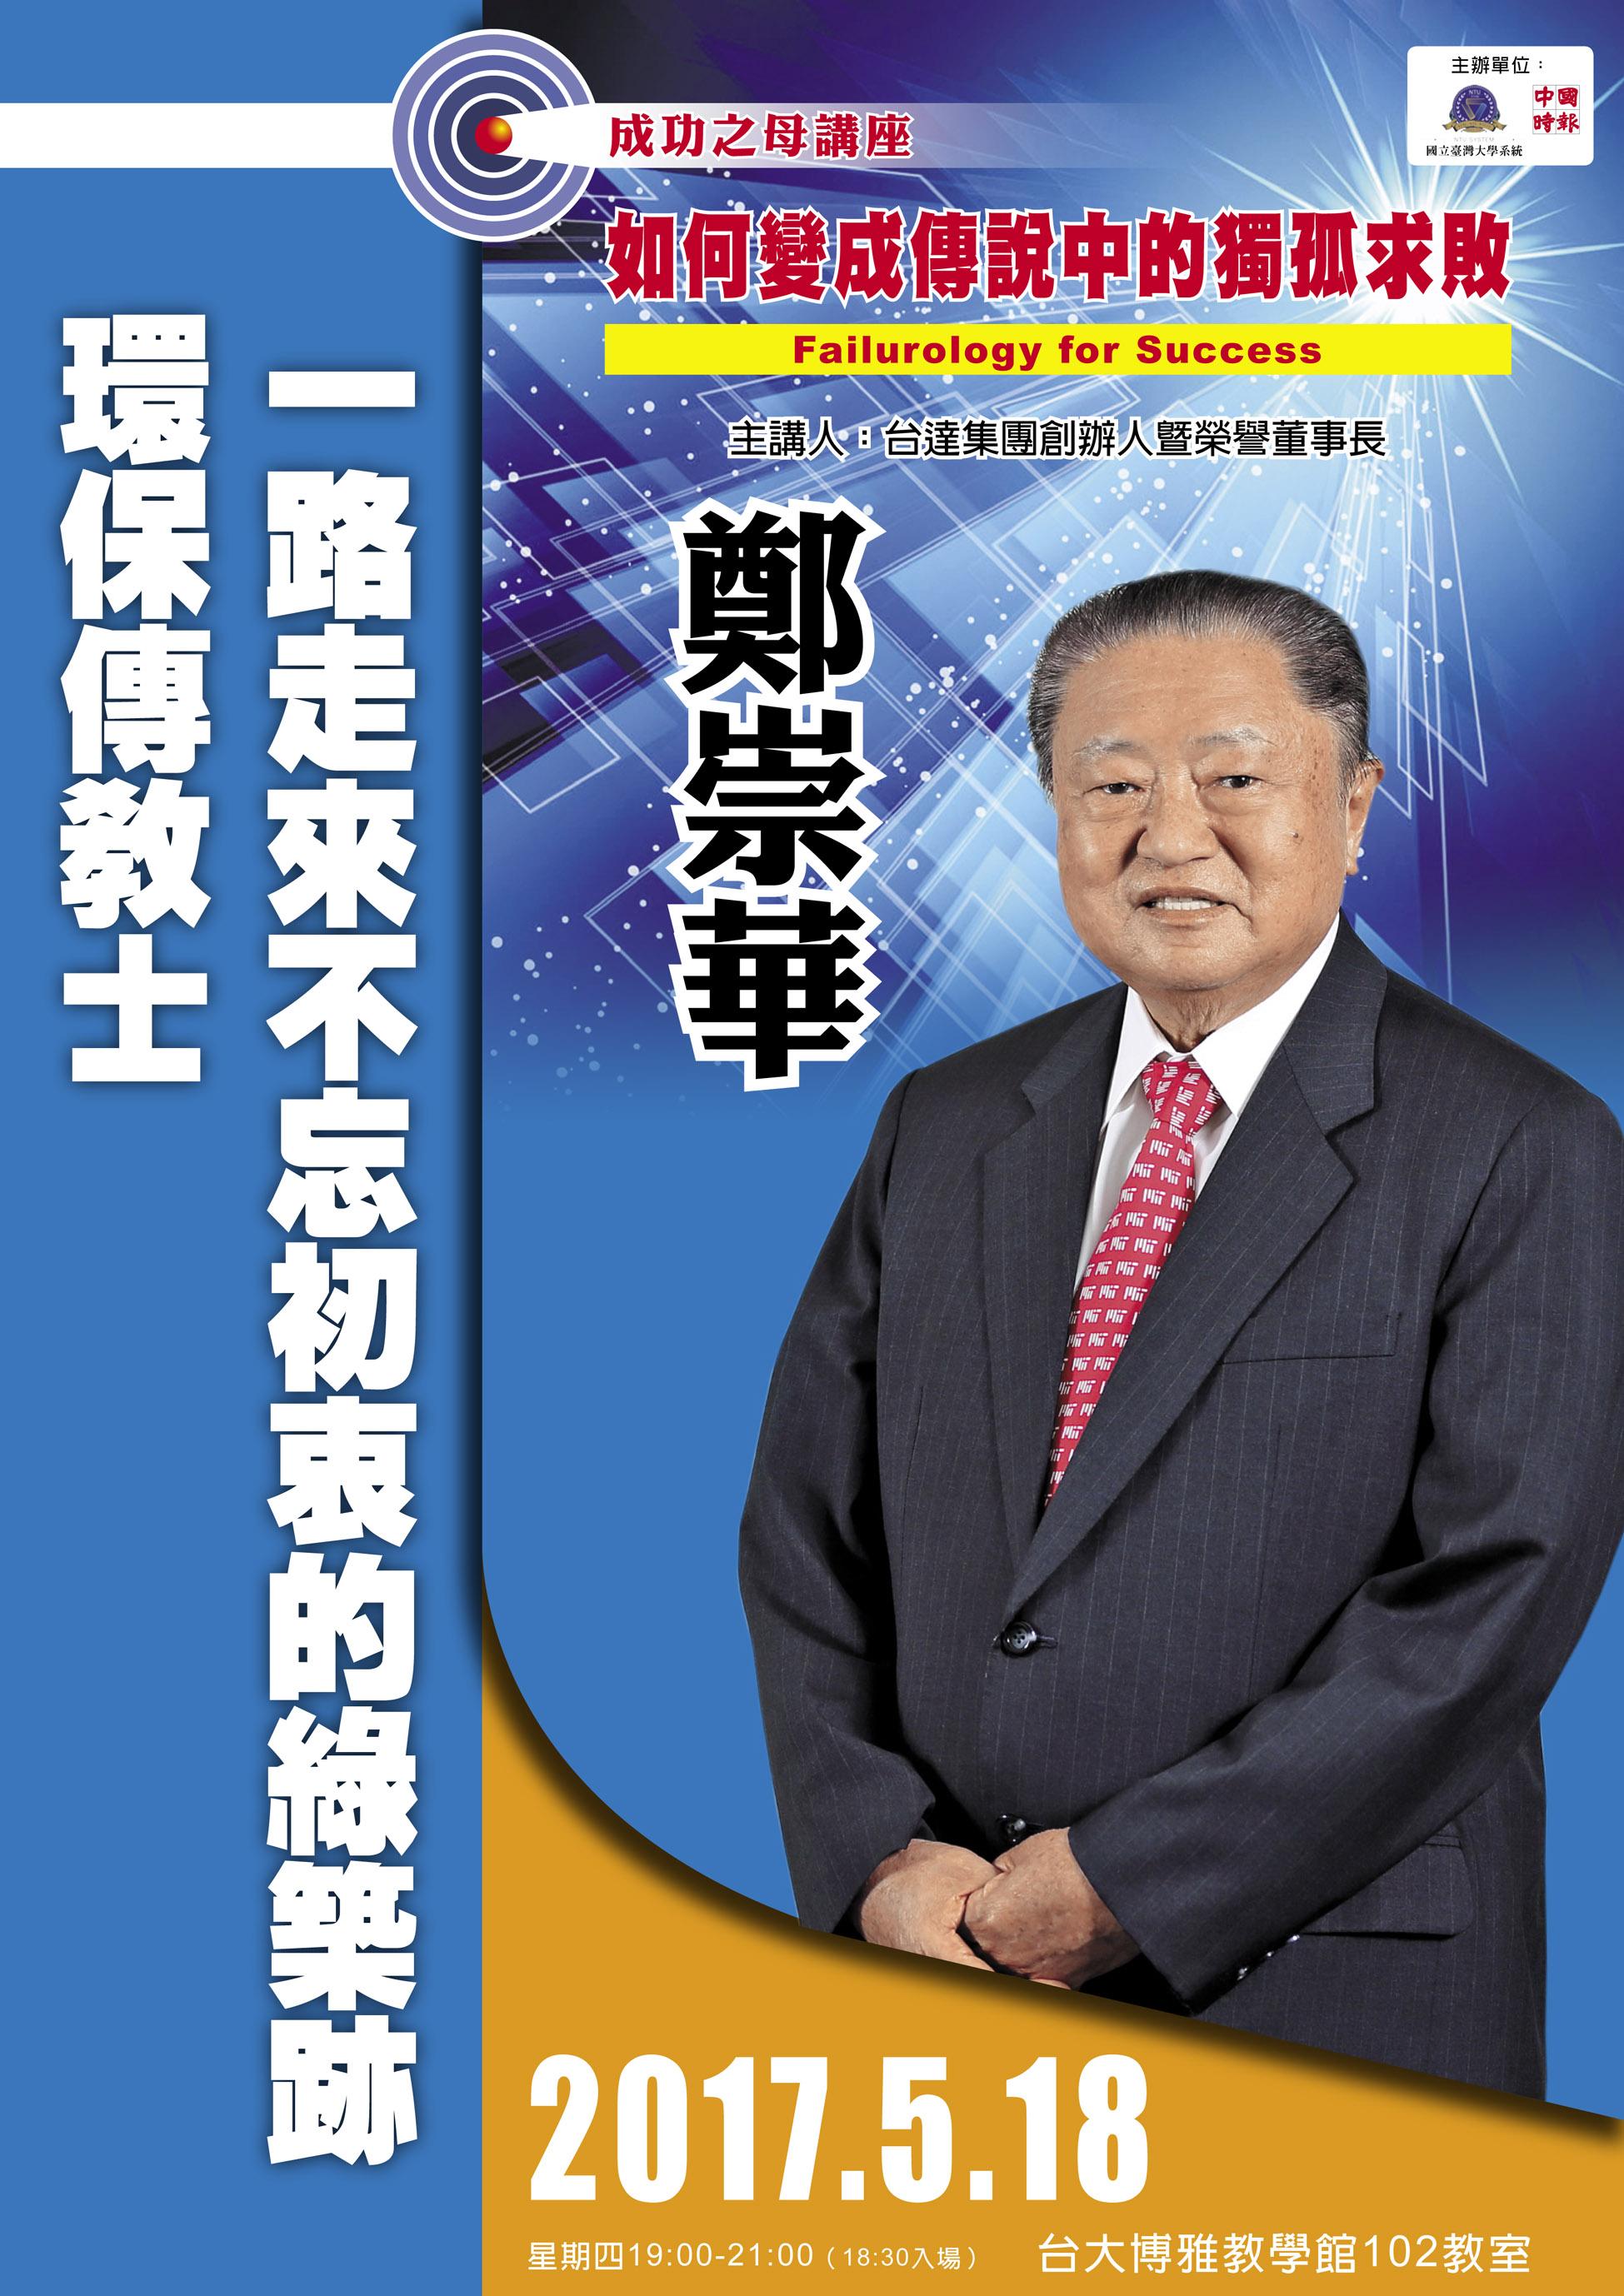 鄭崇華poster